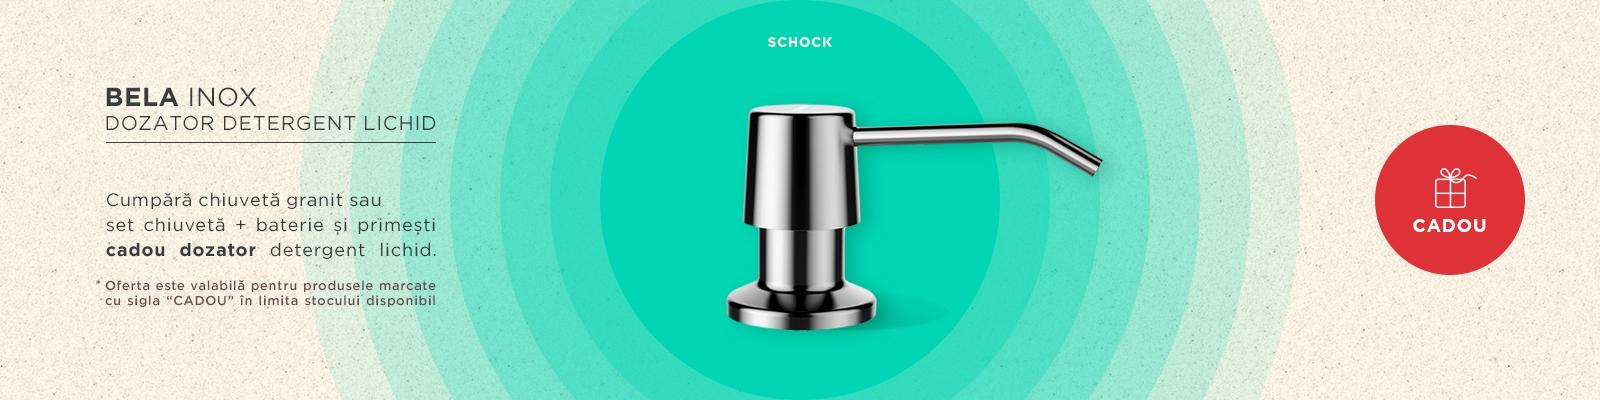 CADOU! - Dozator Detergent Lichid Schock Bela Inox